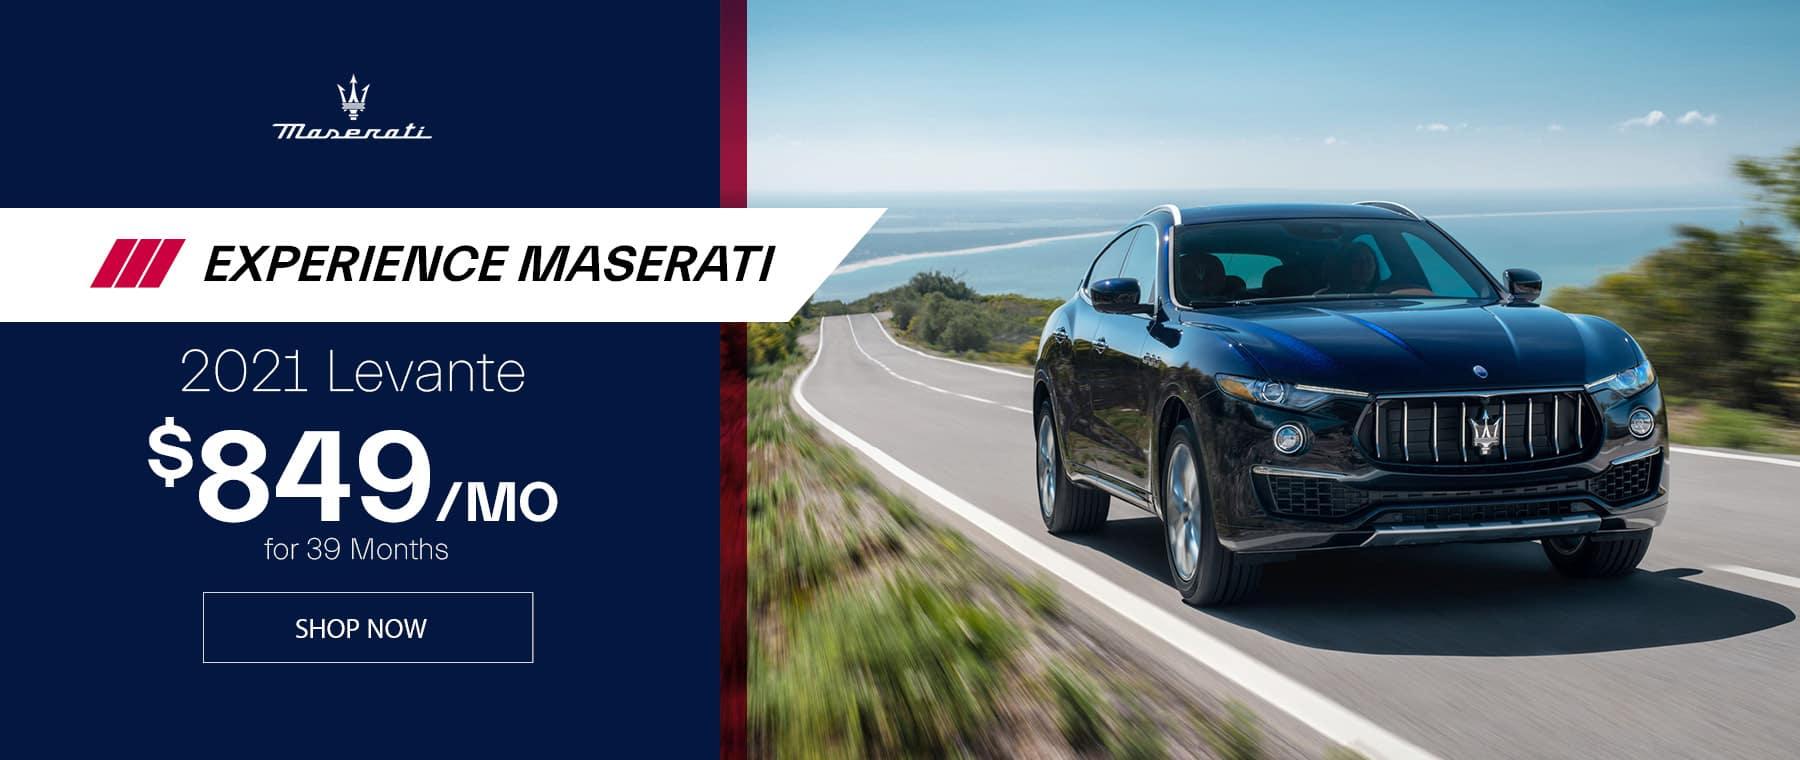 Black 2021 Maserati Levante S